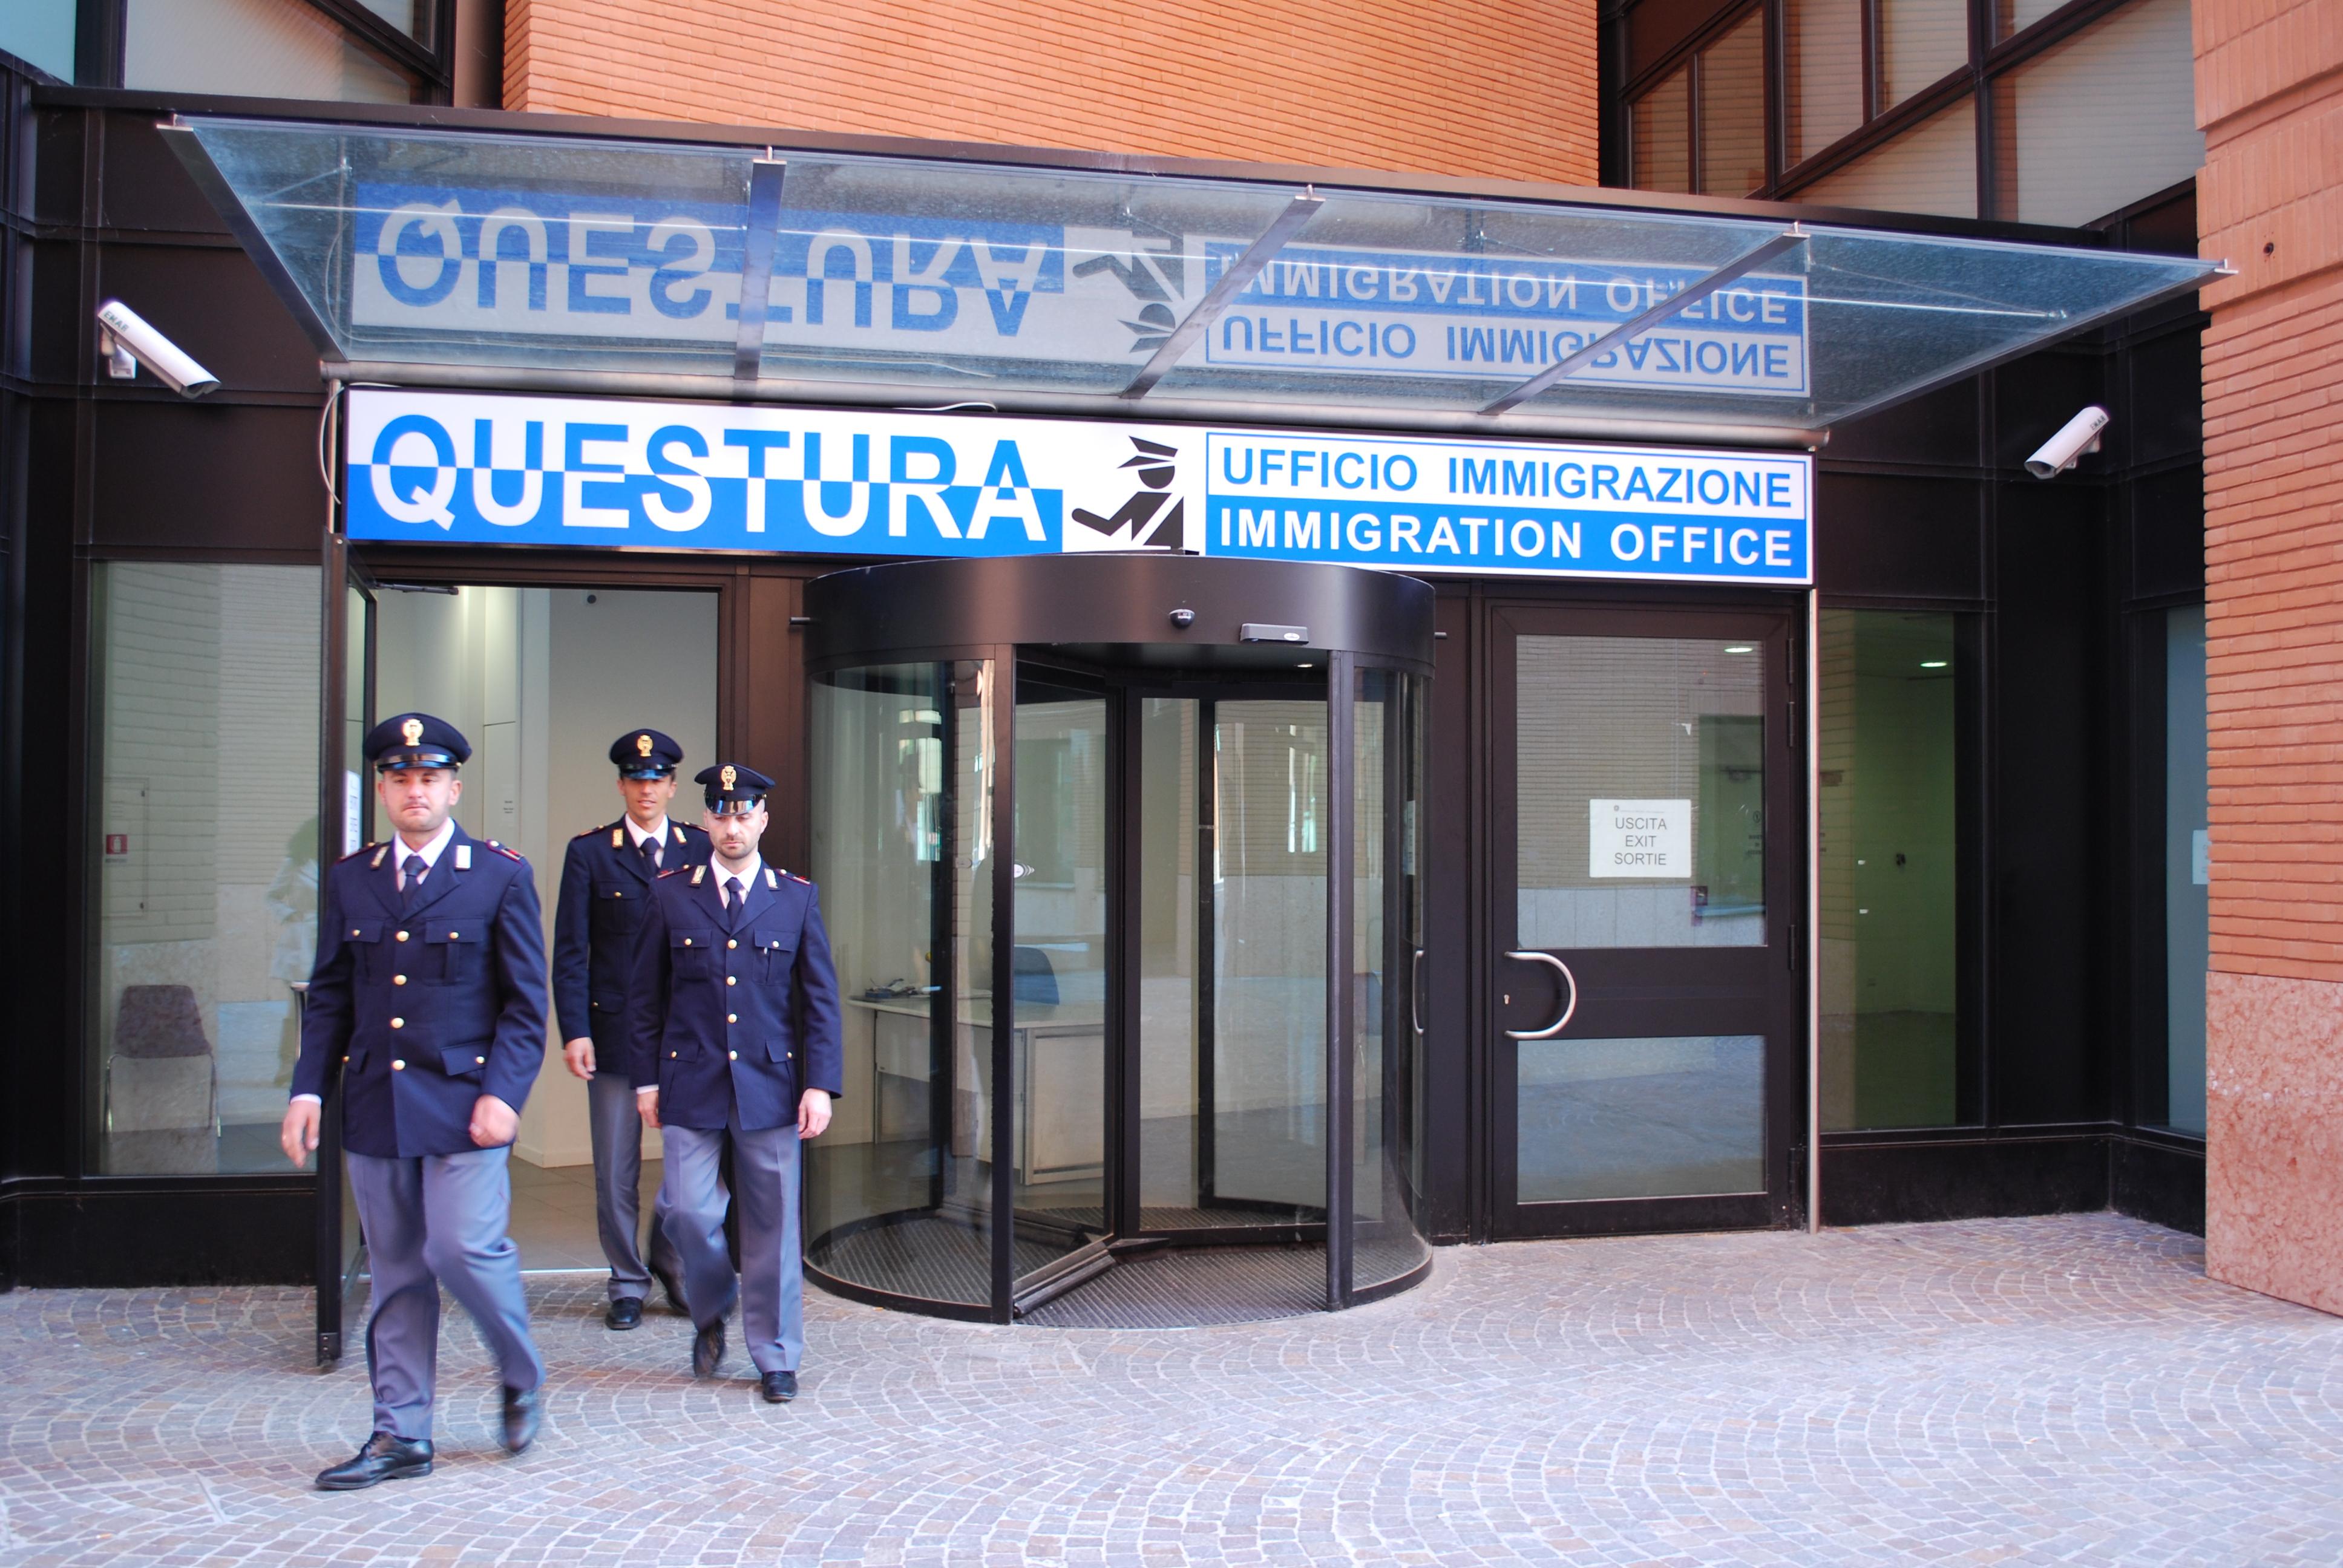 Polizia di stato questure sul web treviso for Questura di rimini ufficio immigrazione permesso di soggiorno